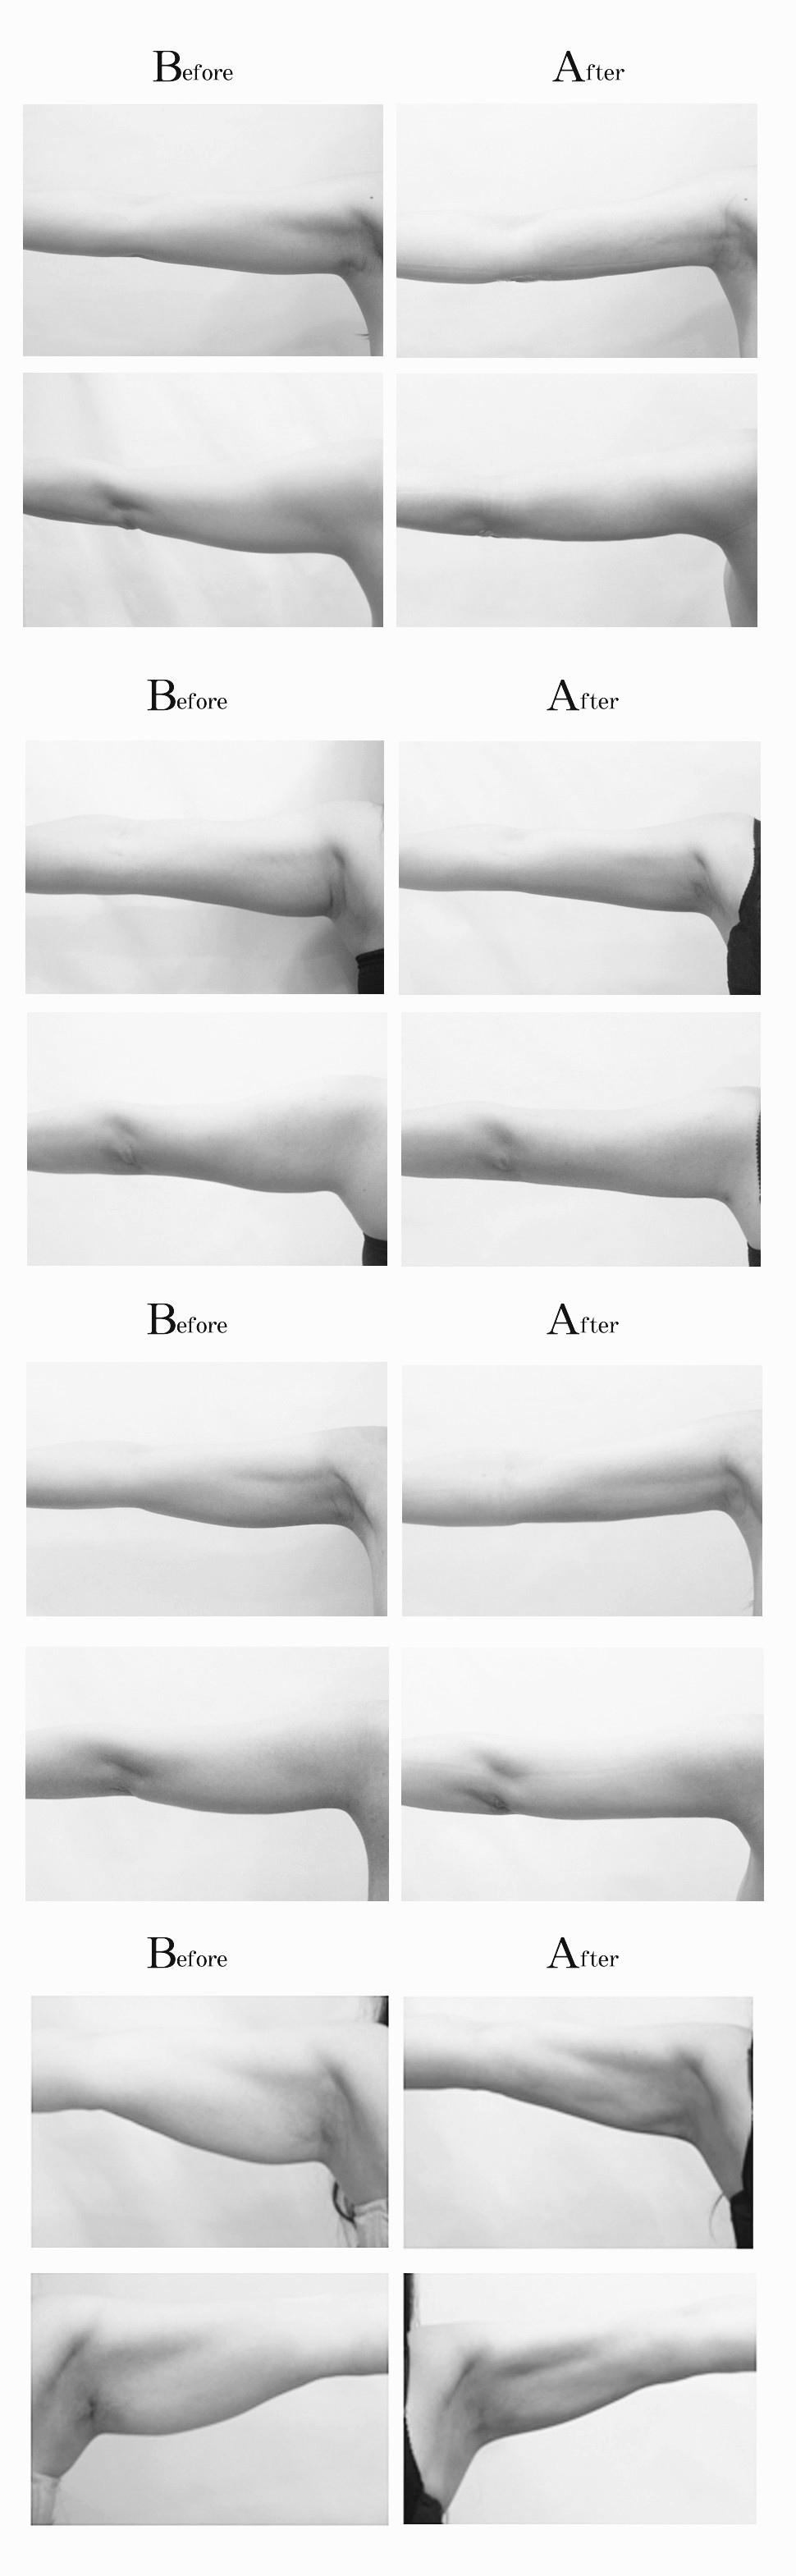 5.手臂腹部副乳抽脂手術術前術後效果.jpg